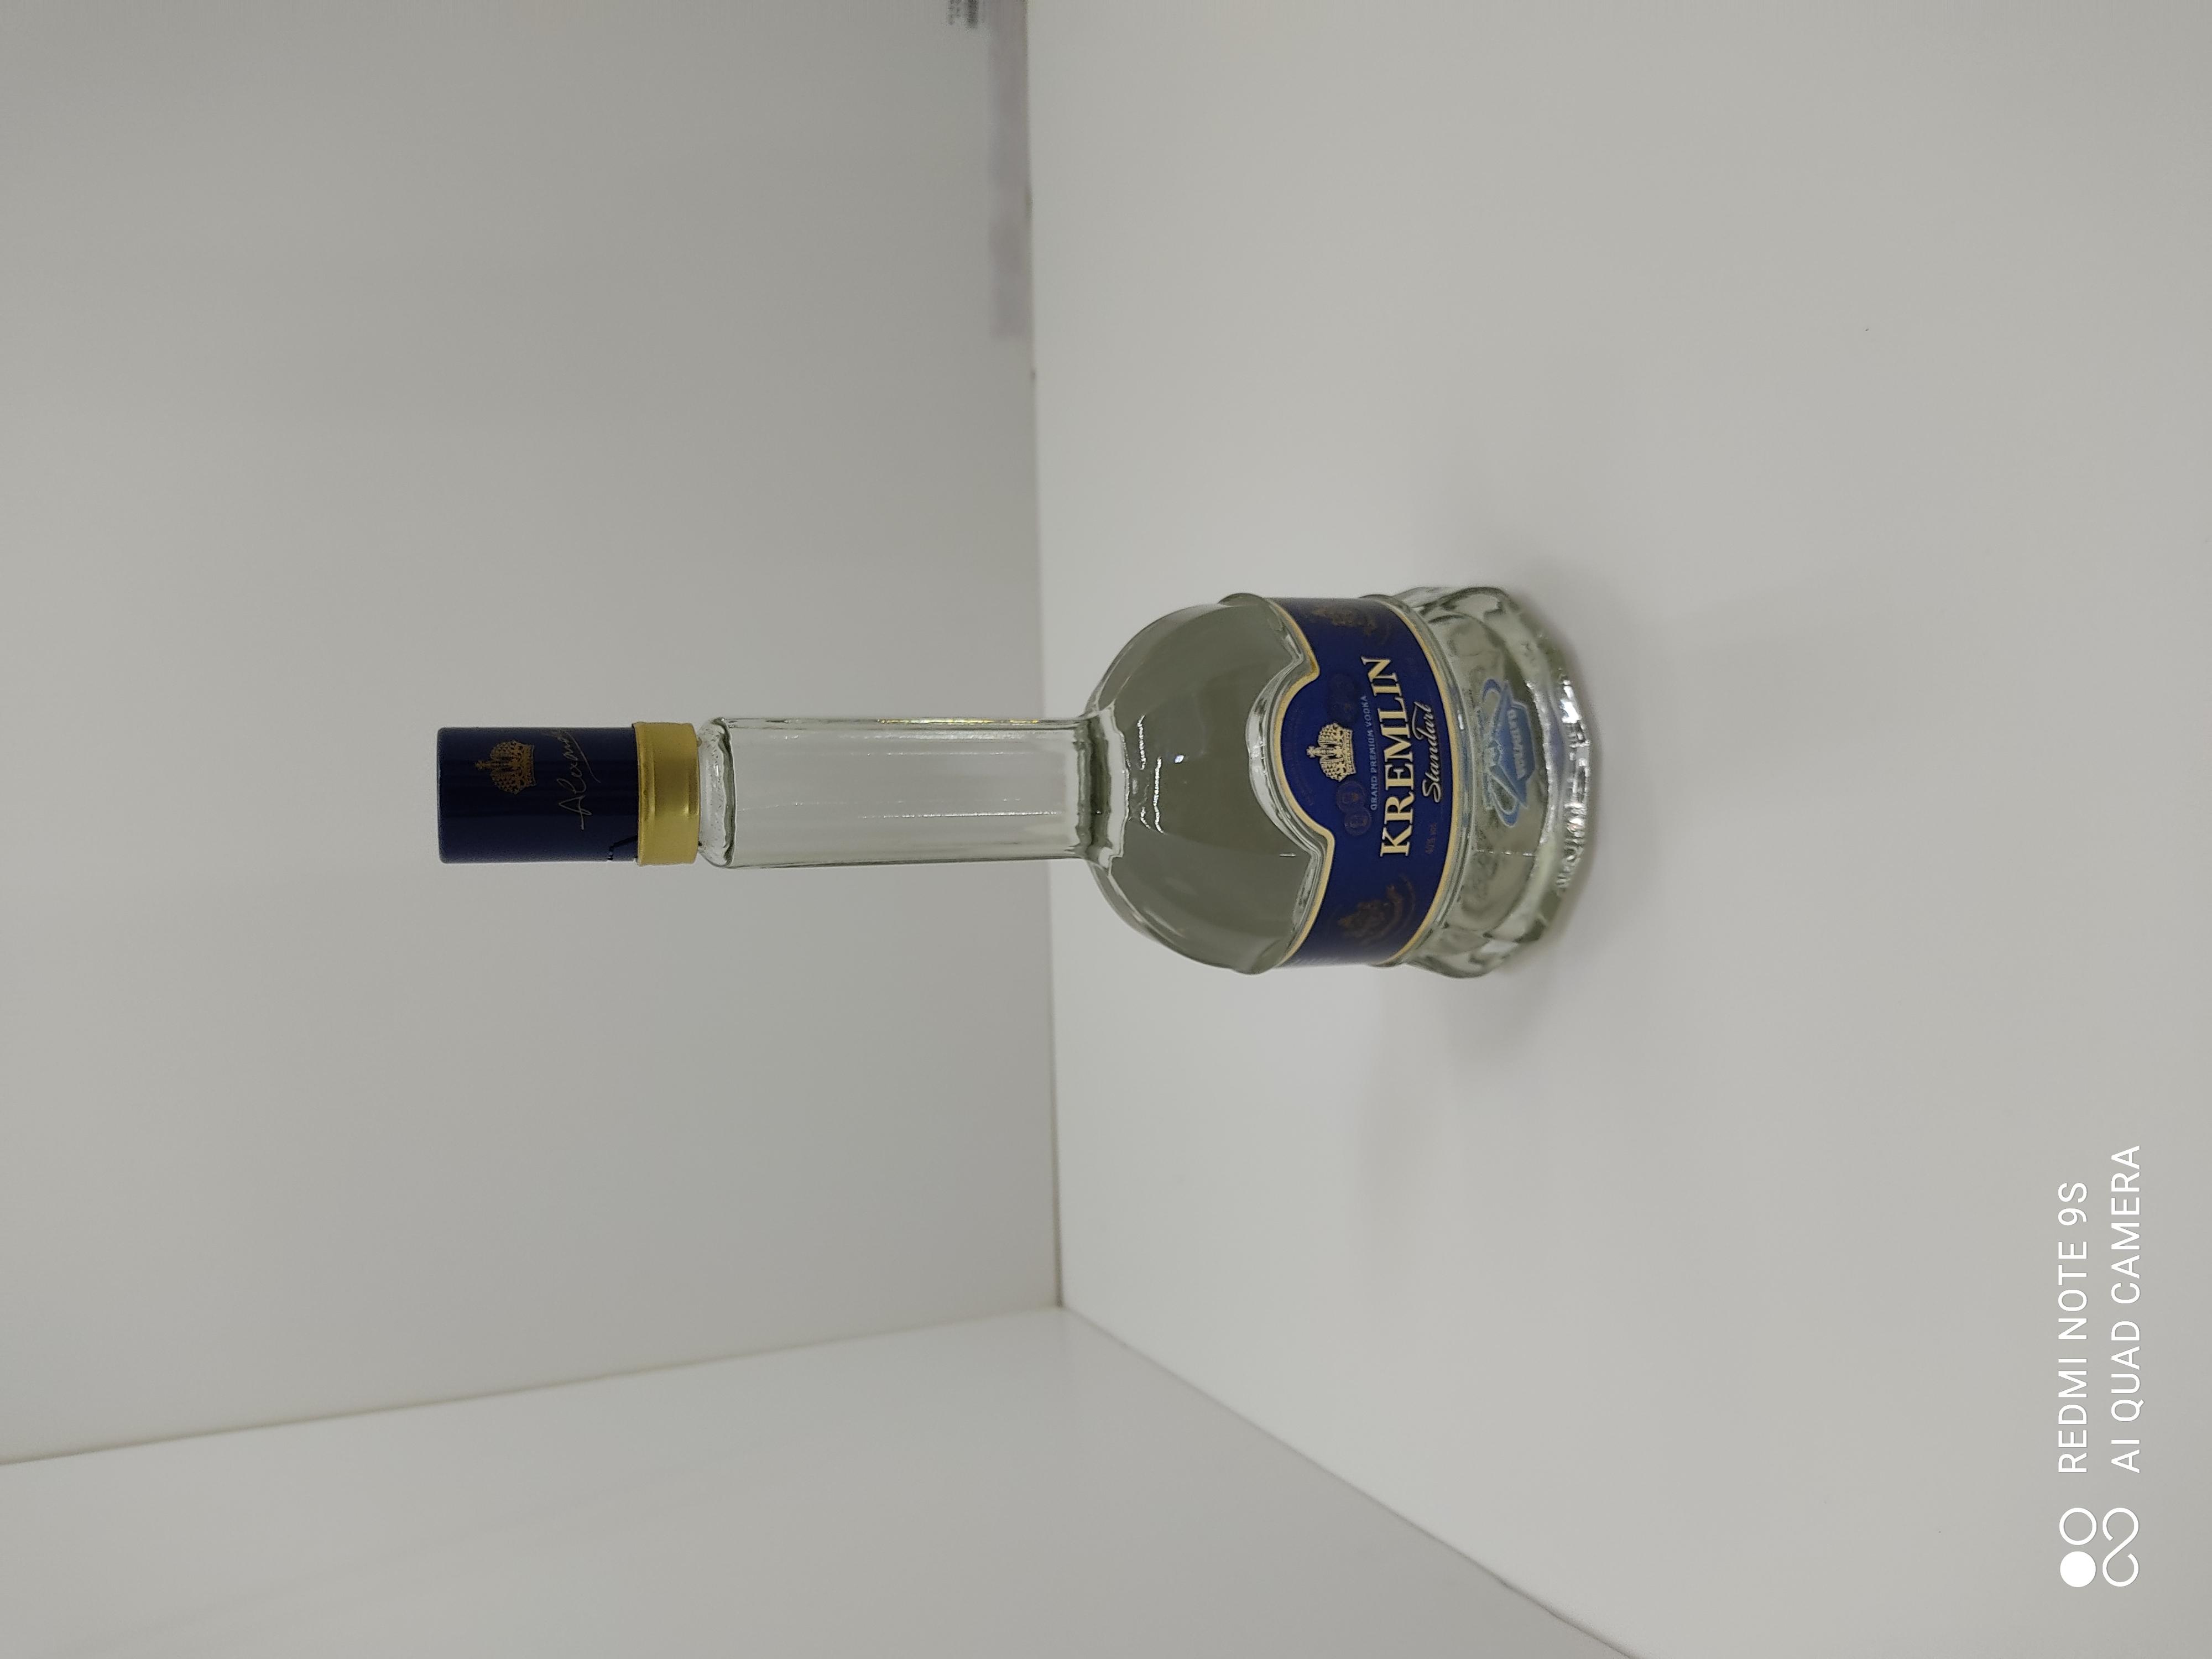 בקבוק וודקה קרמלין